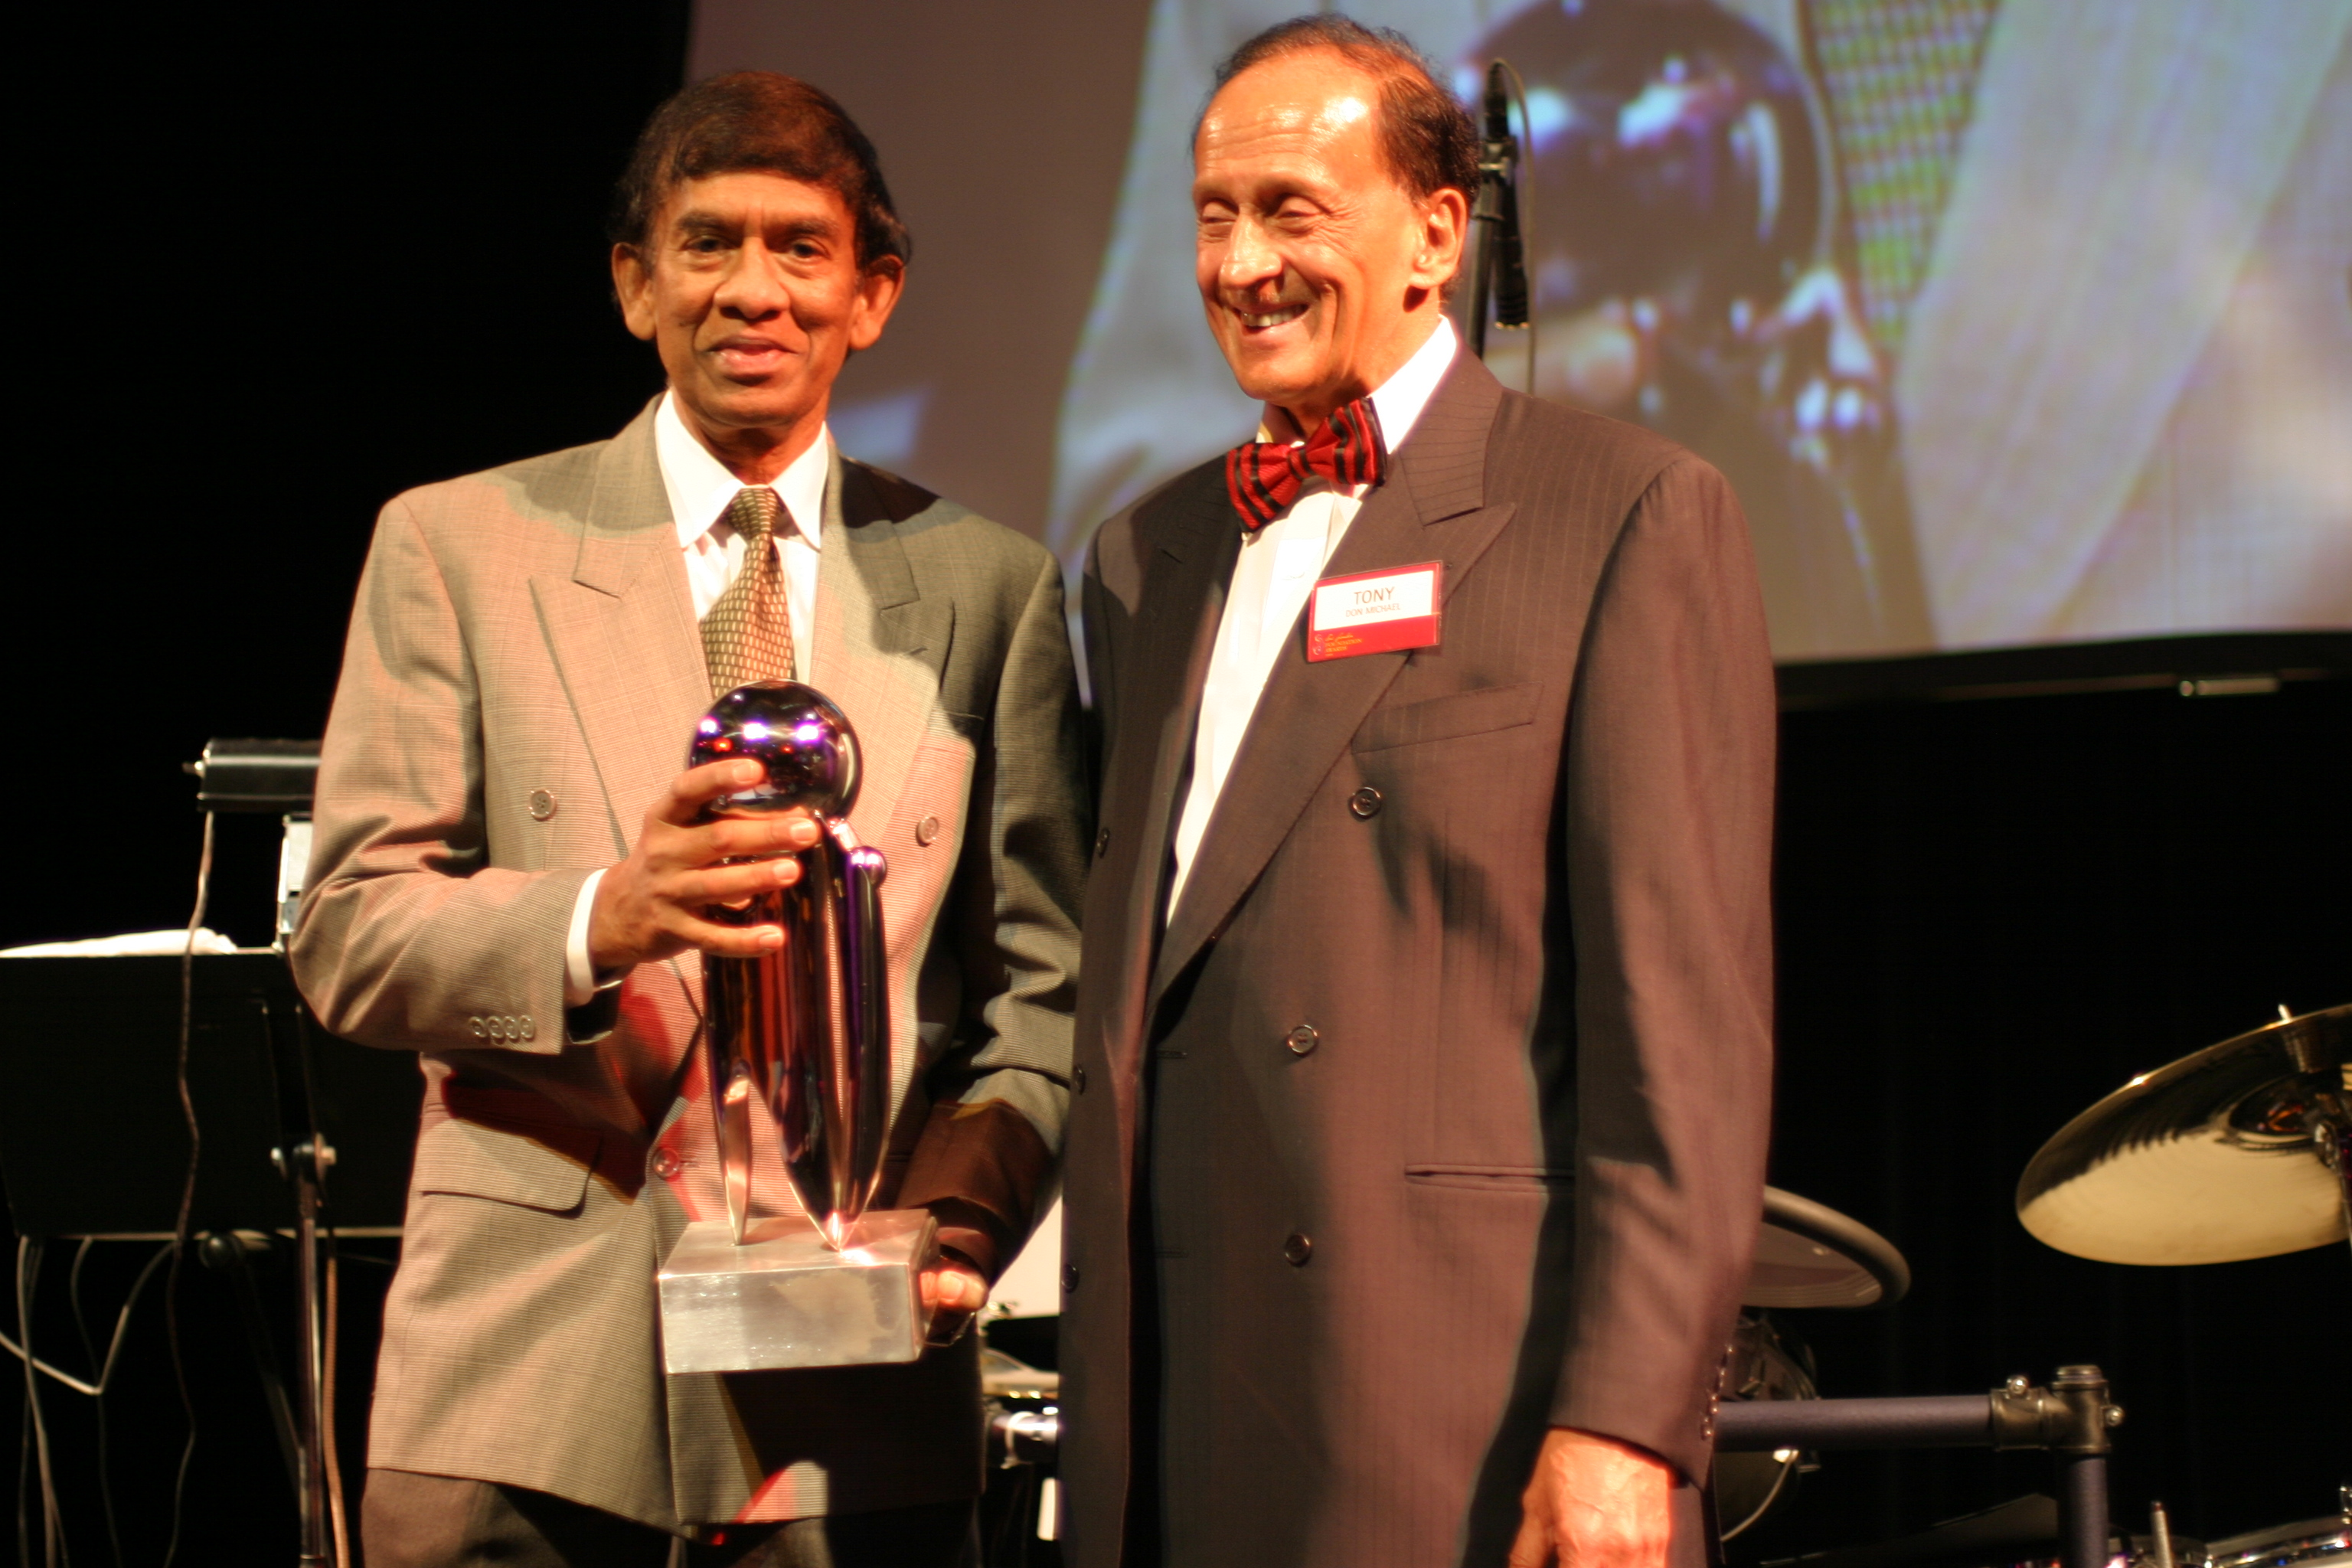 Dr. Tony Chandraratna